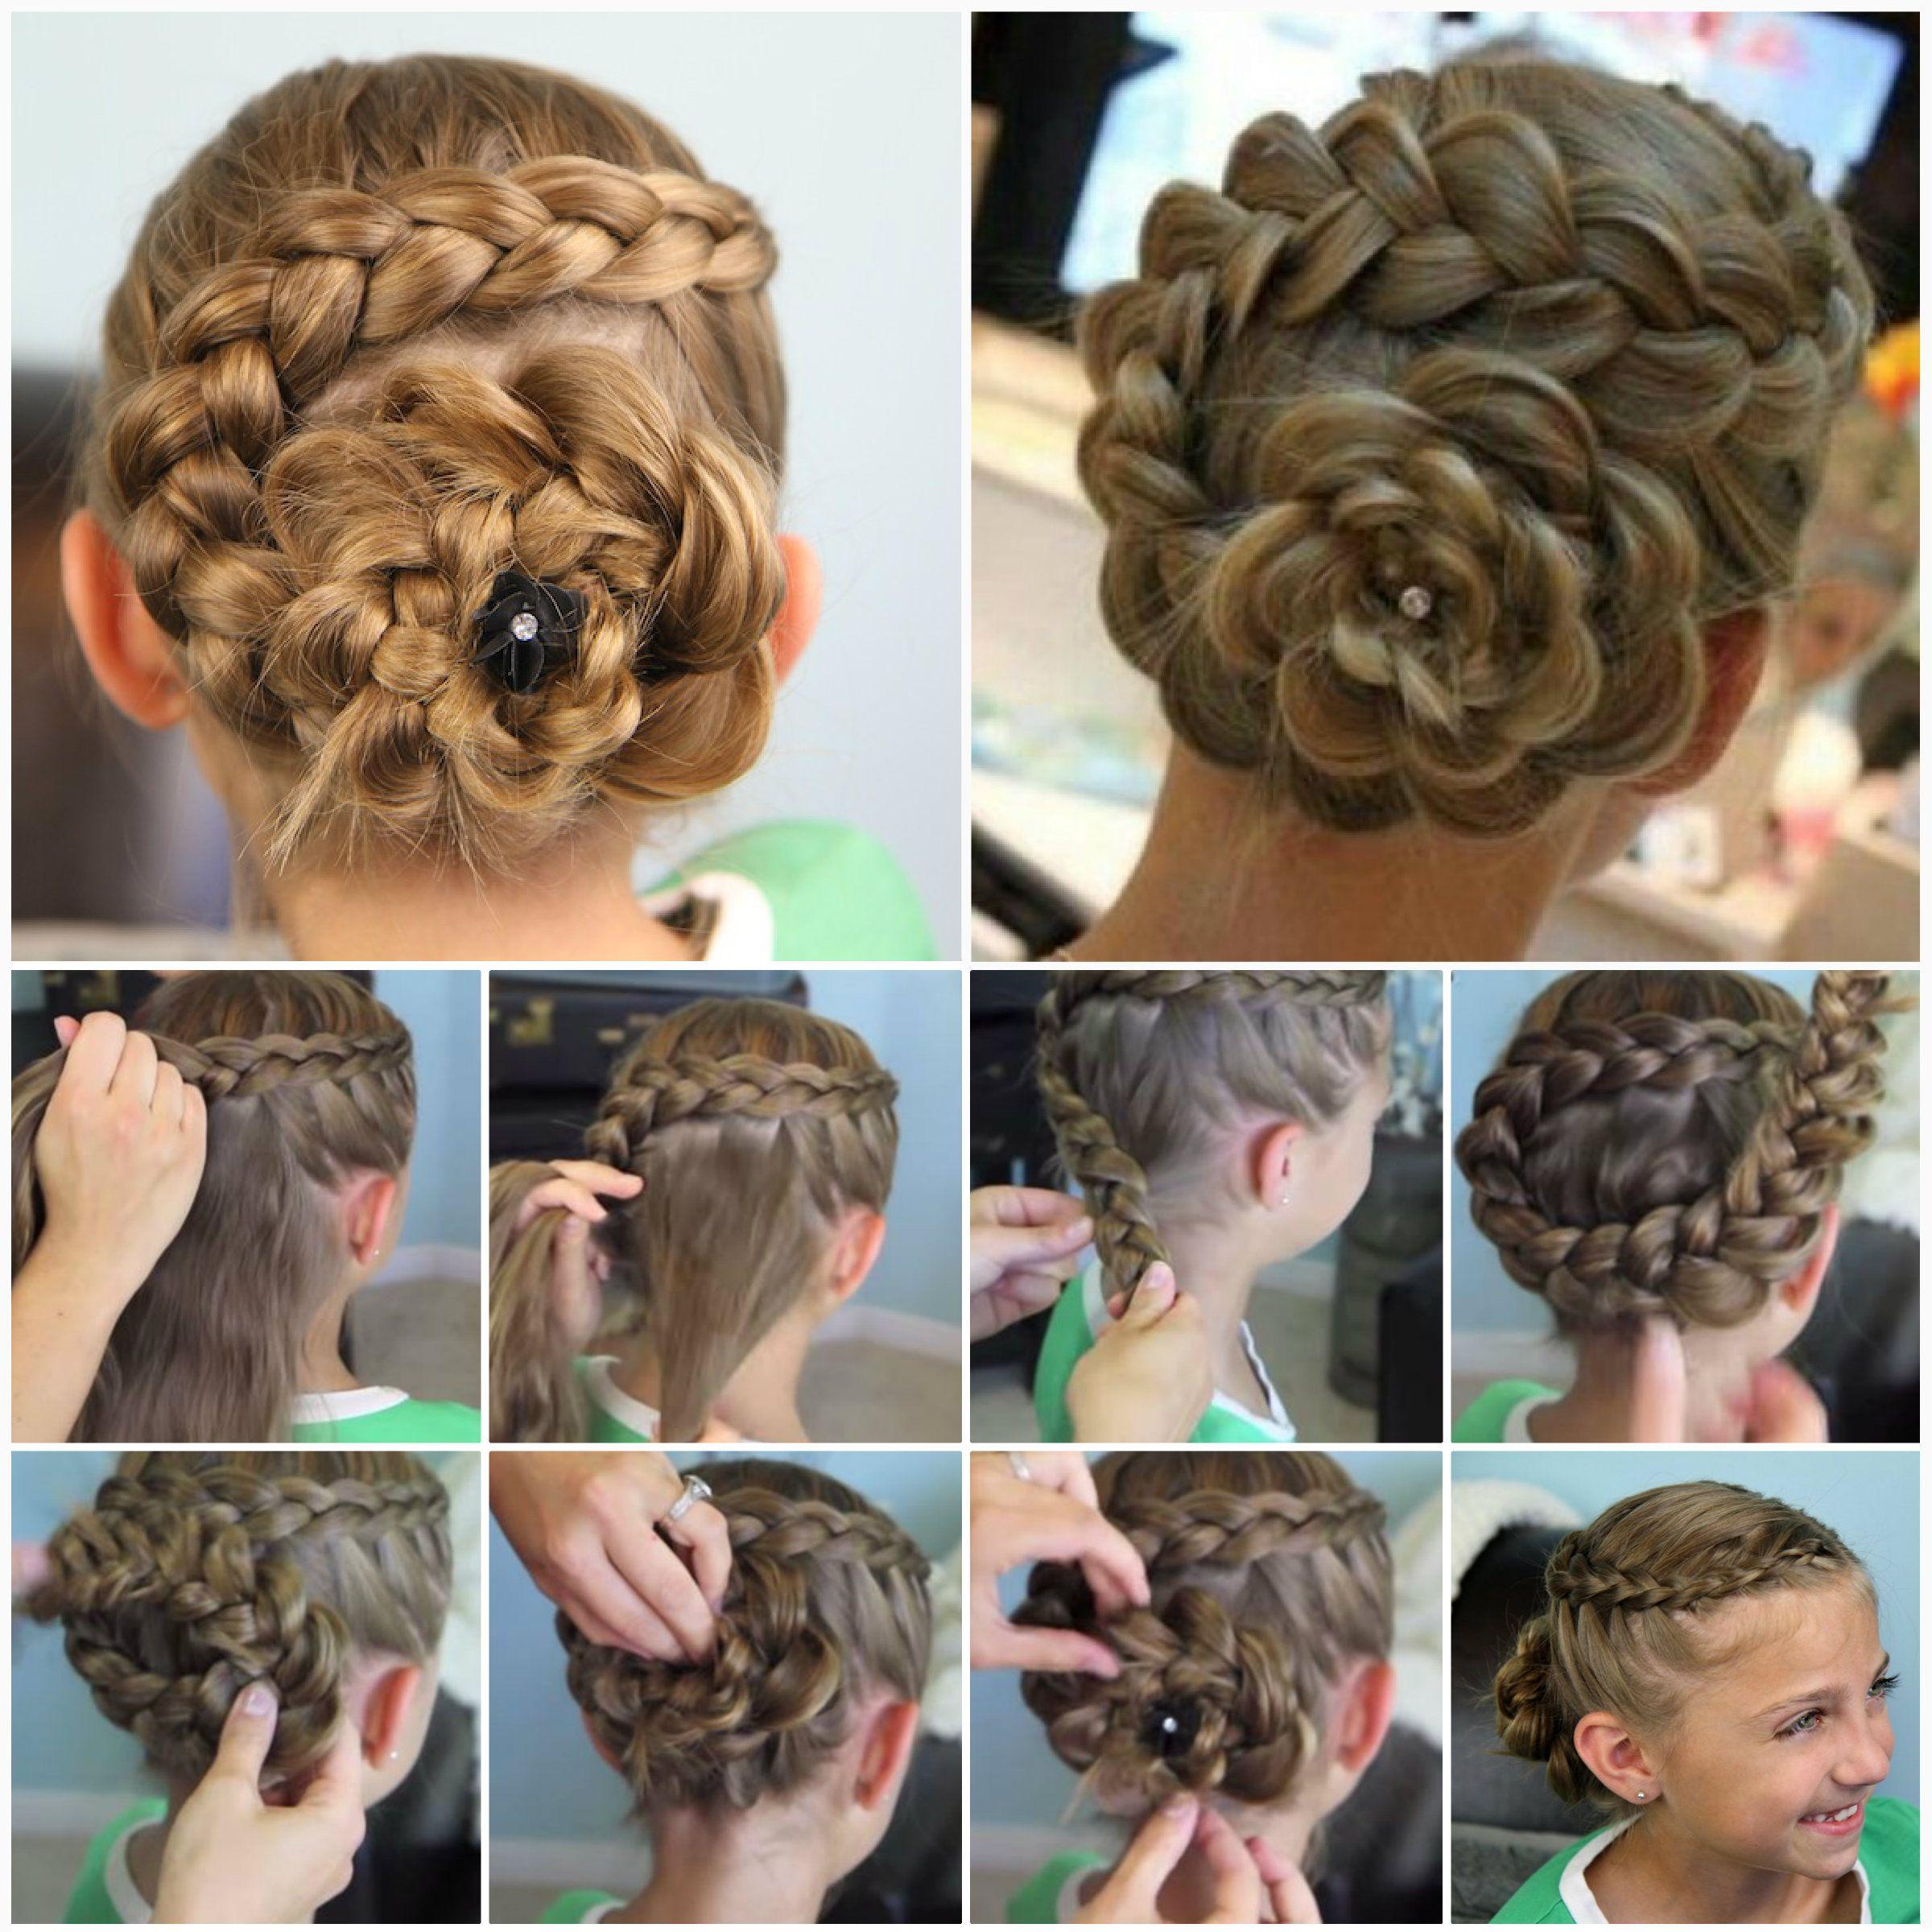 Wonderful Diy Cute Dutch Flower Braid Hairstyle Wonderfuldiy Dutch Flower Braid Hair Styles Flower Braids